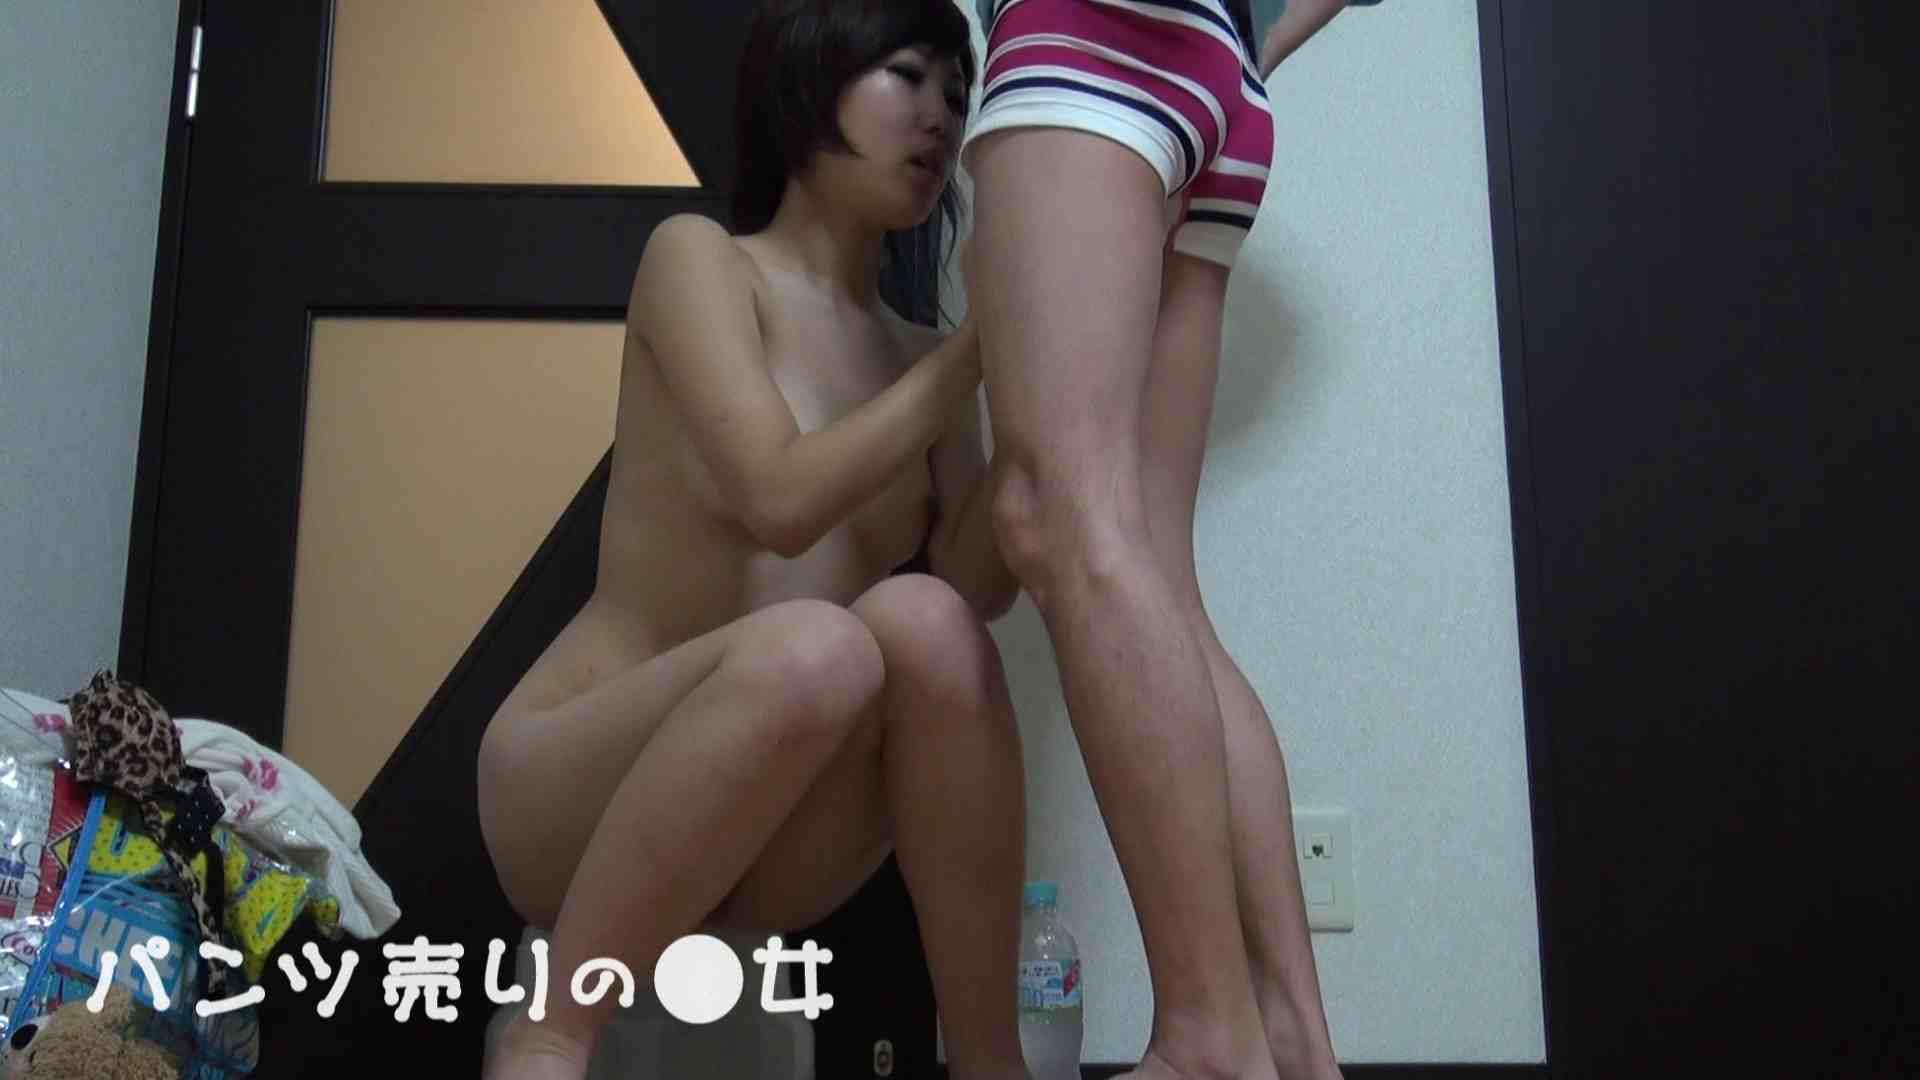 新説 パンツ売りの女の子nana02 一般投稿 | 0  55画像 22